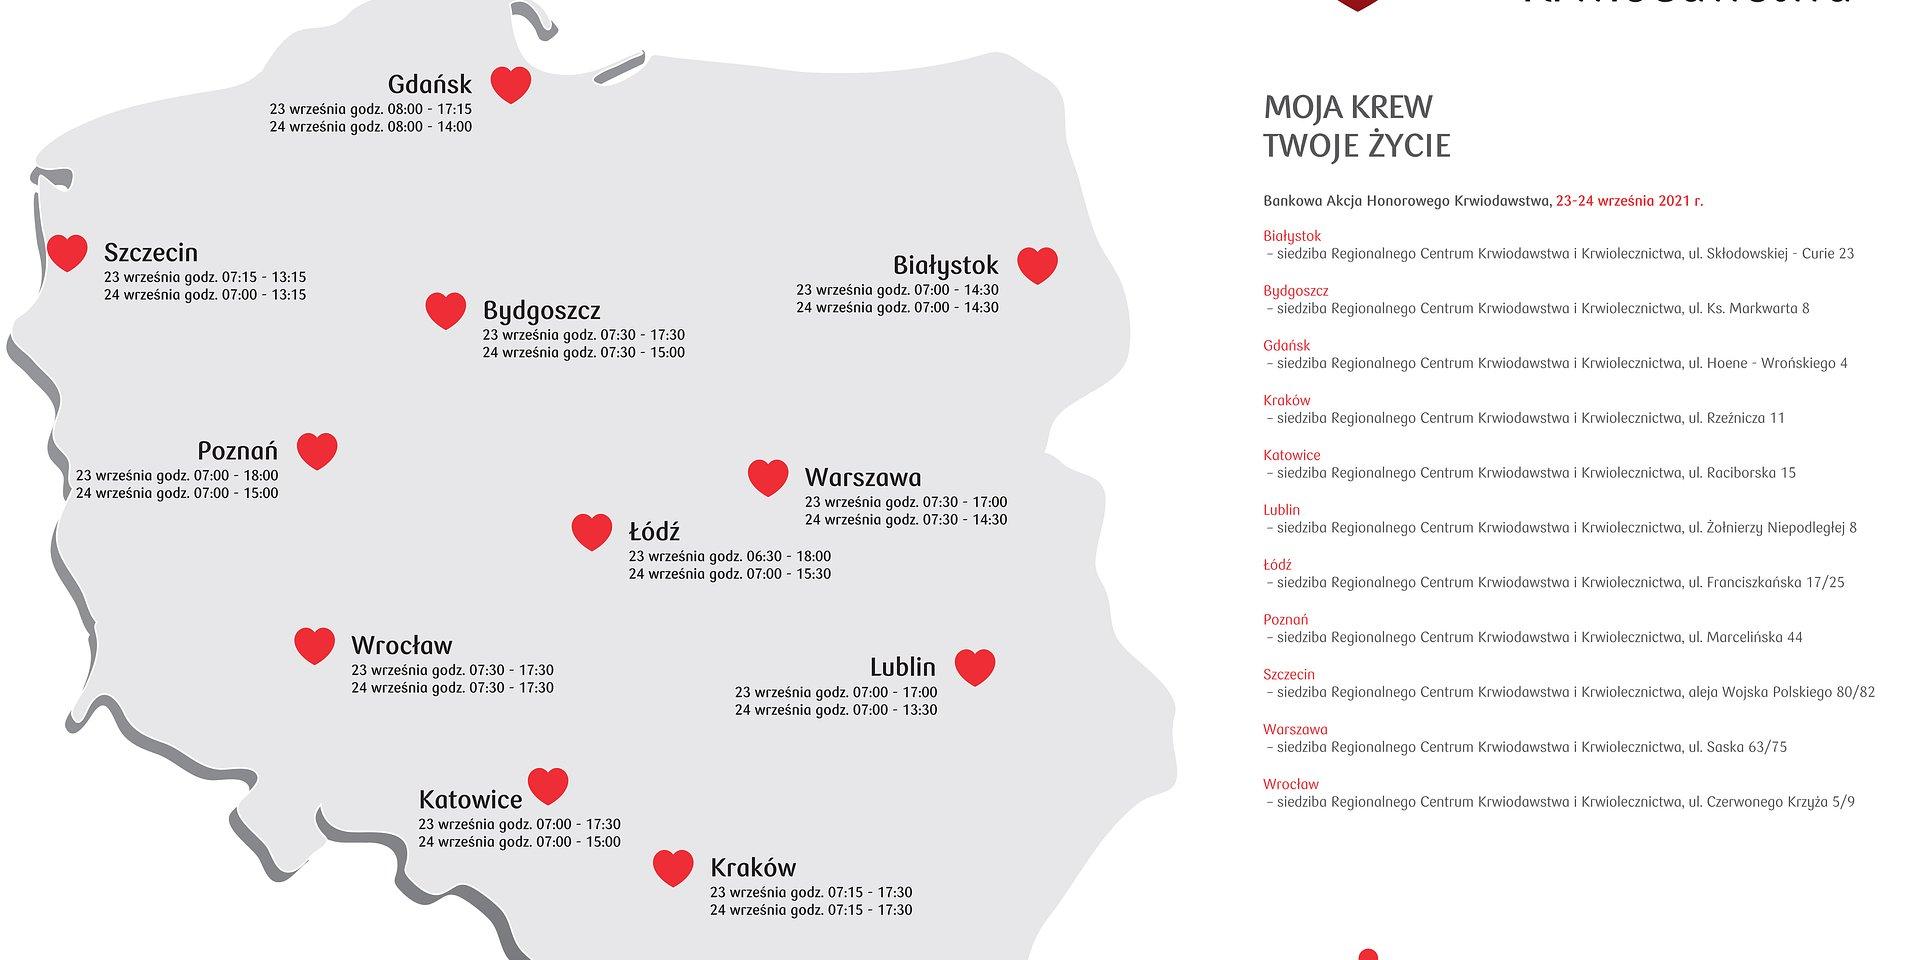 Jesienna Bankowa Akcja Honorowego Krwiodawstwa w Łodzi – 23 i 24 września.